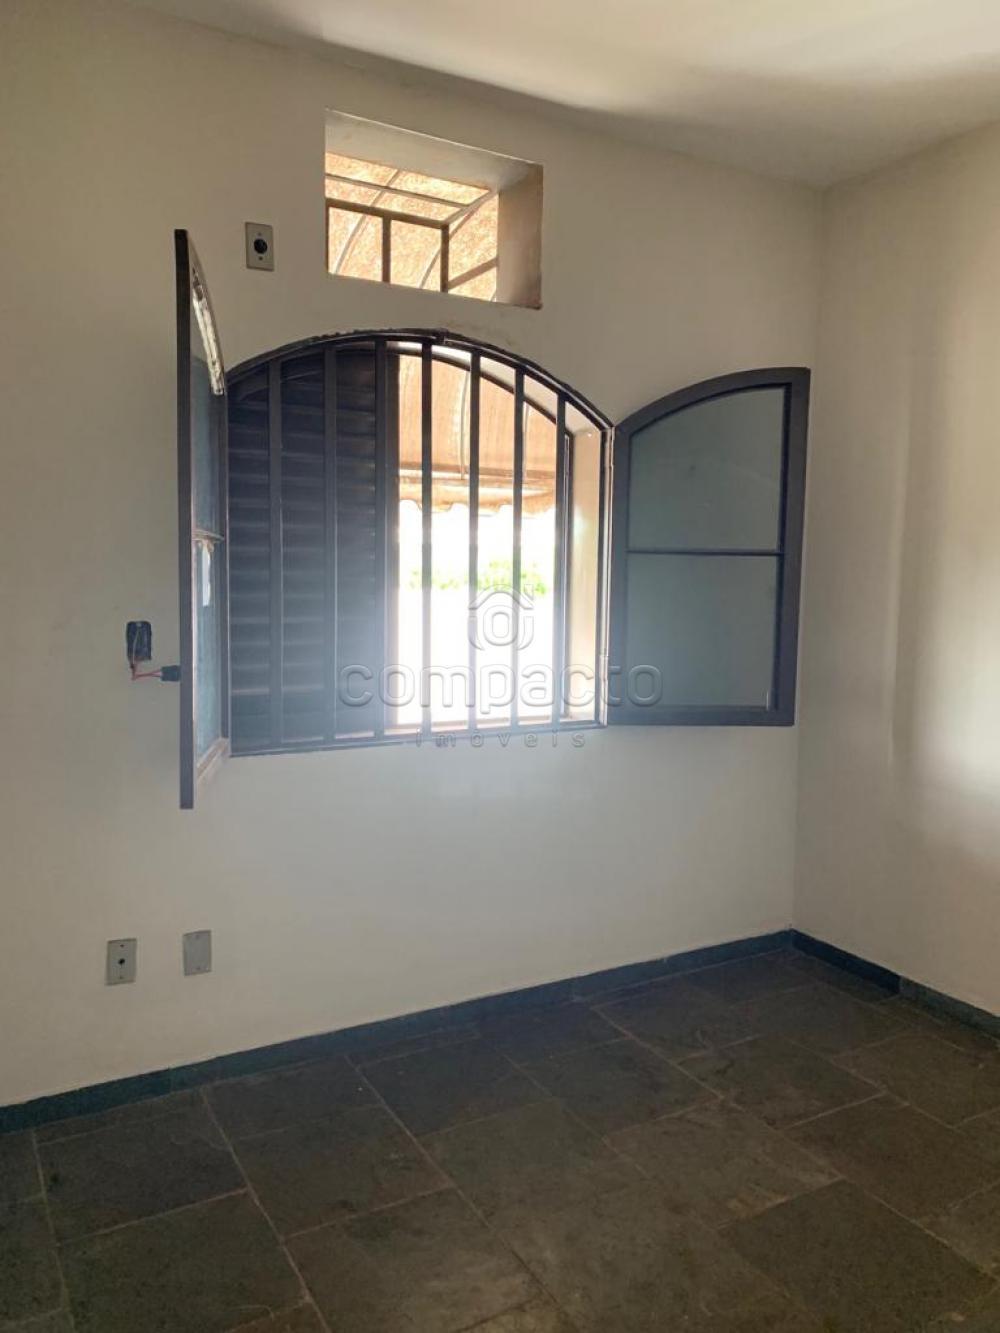 Alugar Comercial / Casa em São José do Rio Preto apenas R$ 7.000,00 - Foto 24